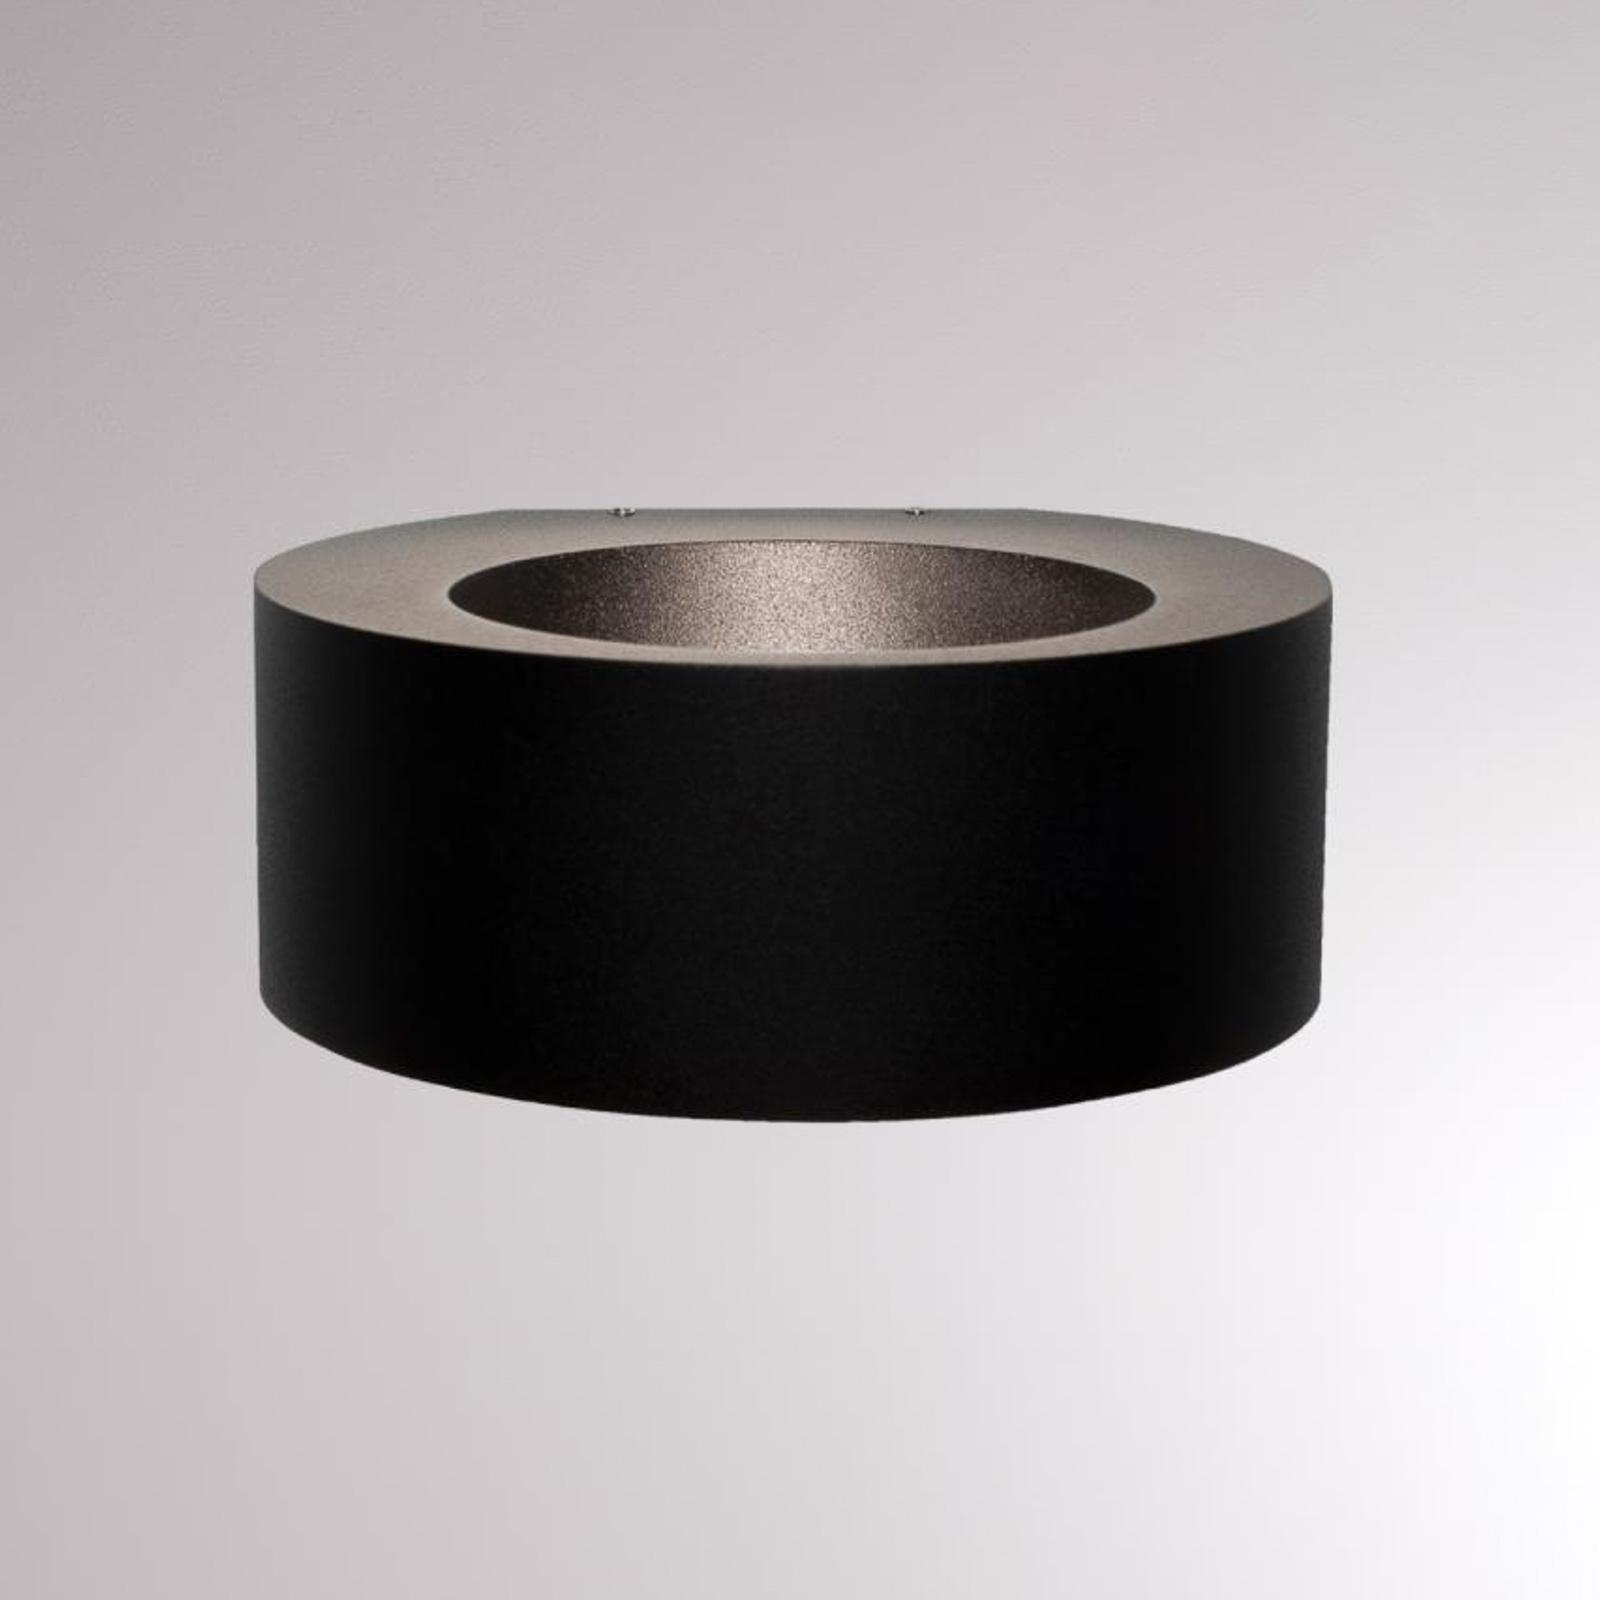 LOUM Eyo utendørs LED-vegglampe svart